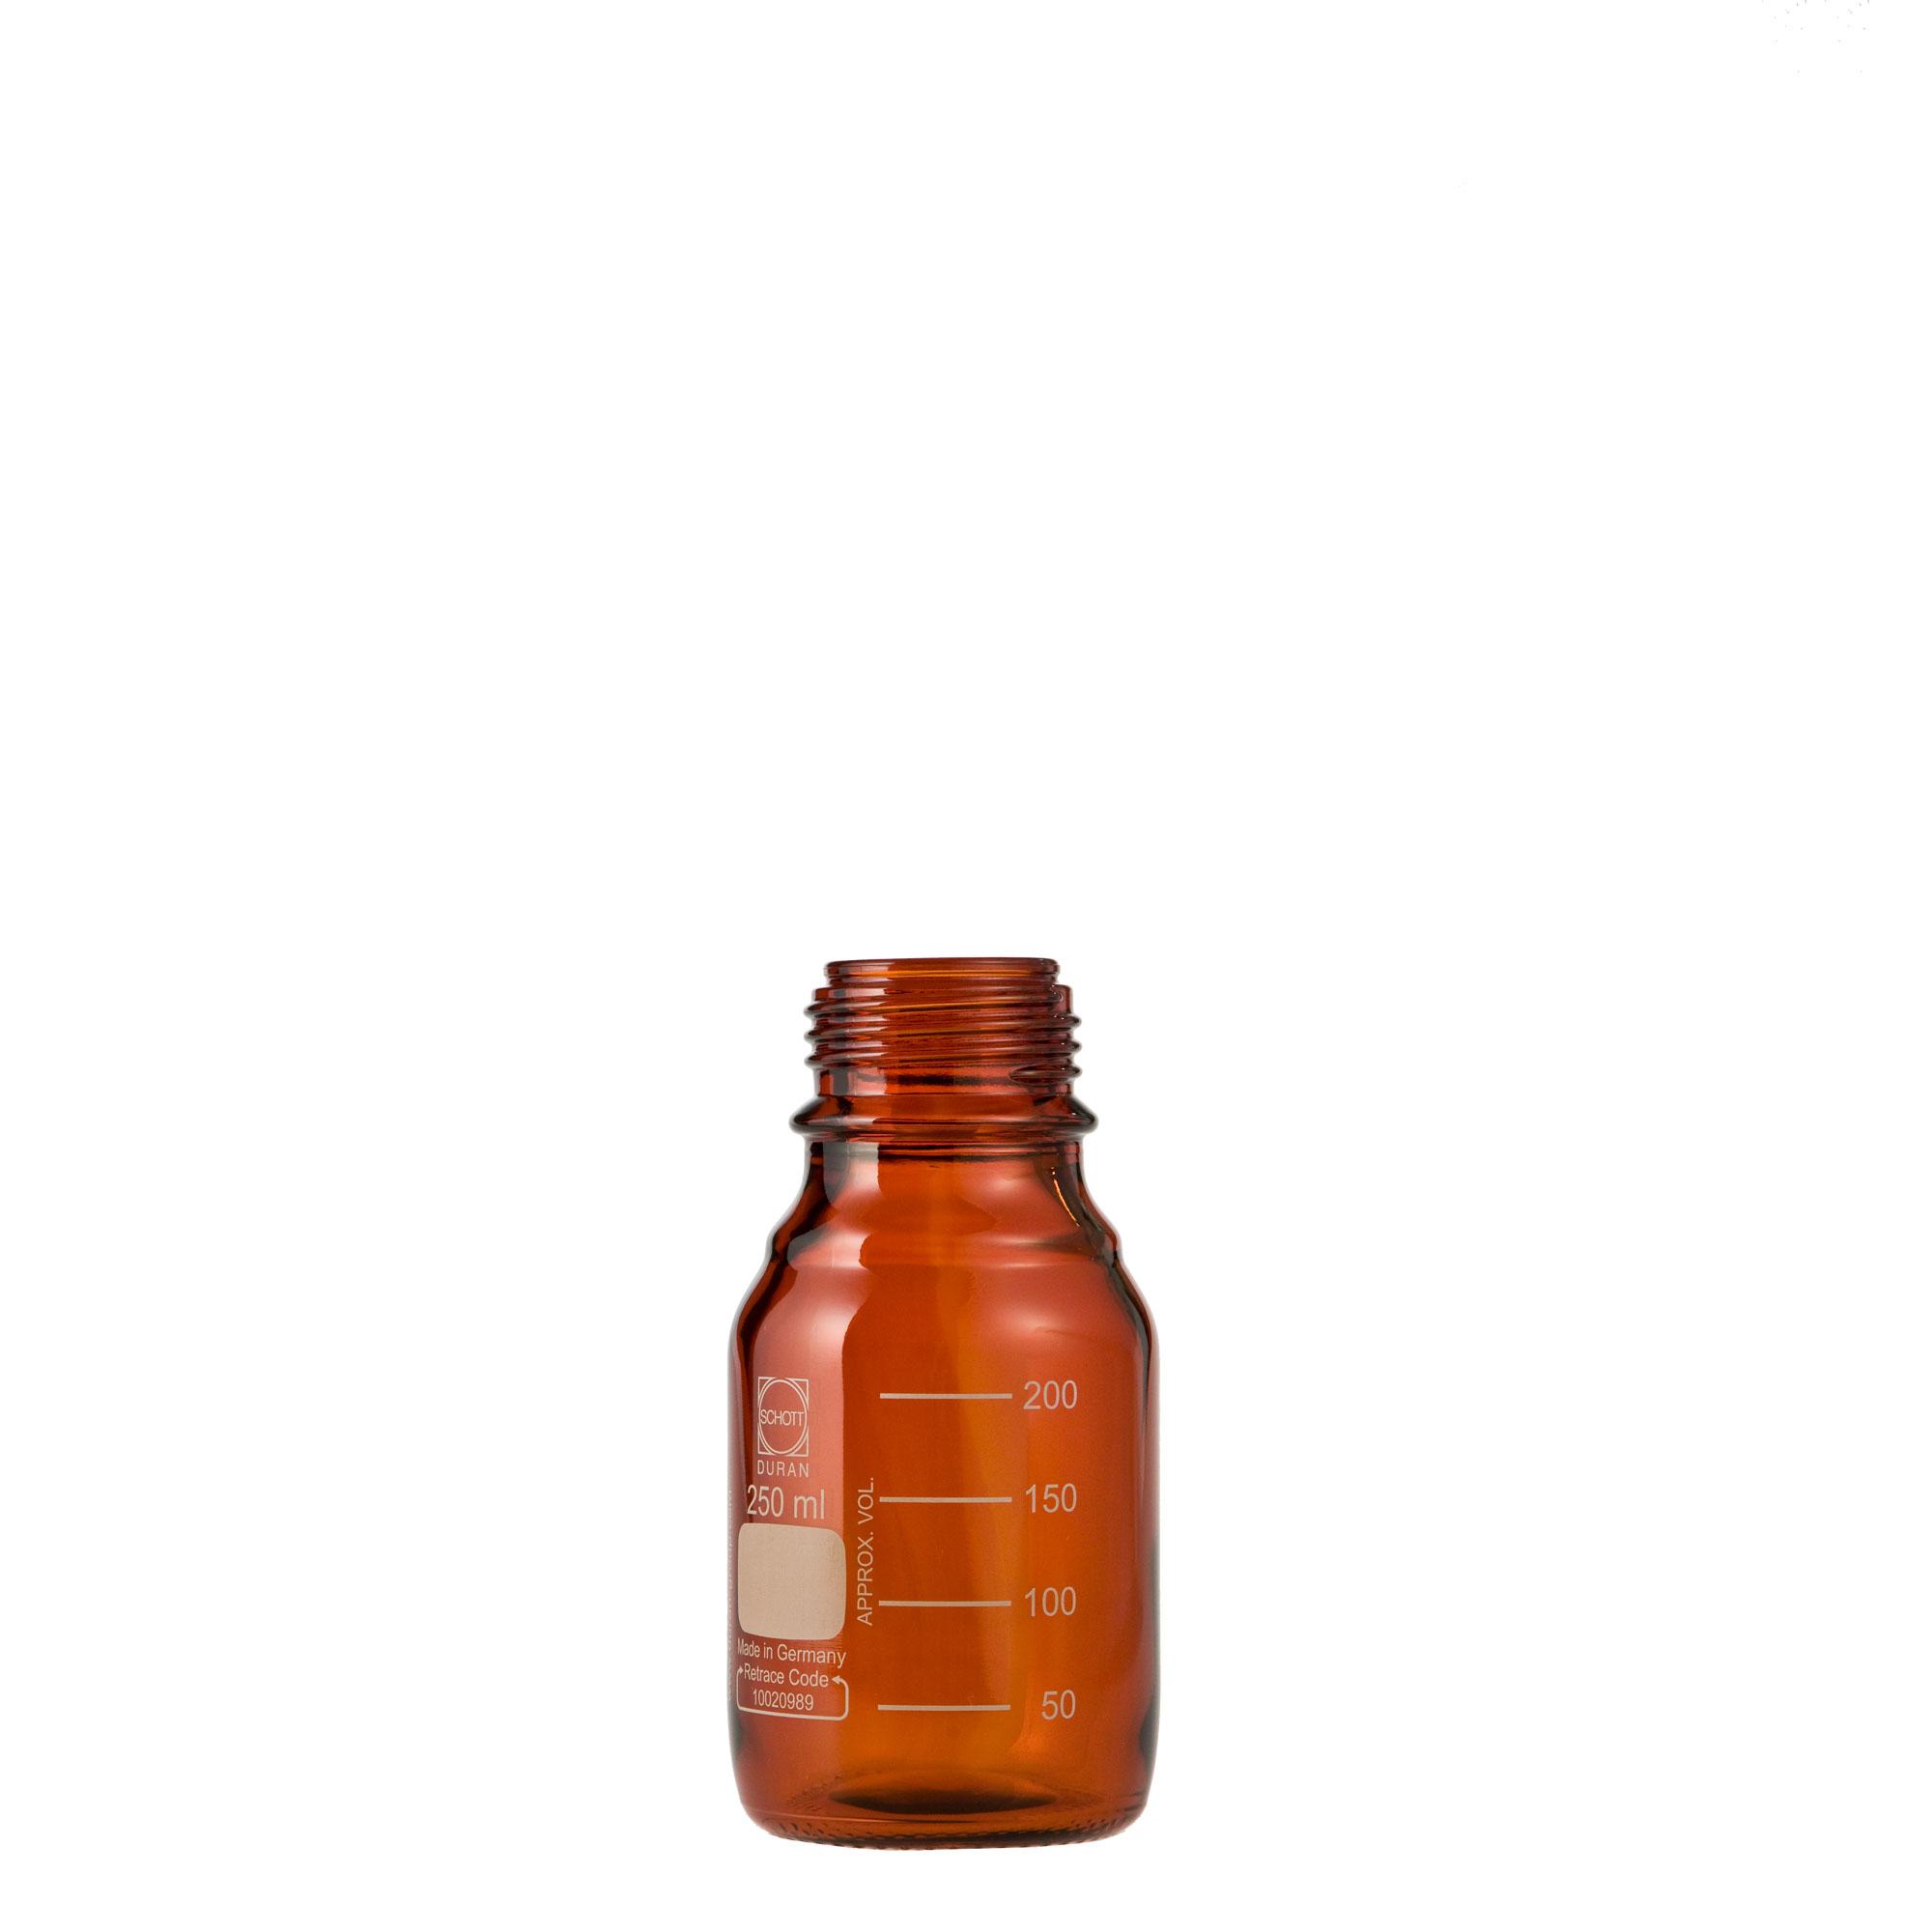 DURAN ねじ口びん(メジュームびん) 茶褐色 びんのみ 250mL GL-45(10個)